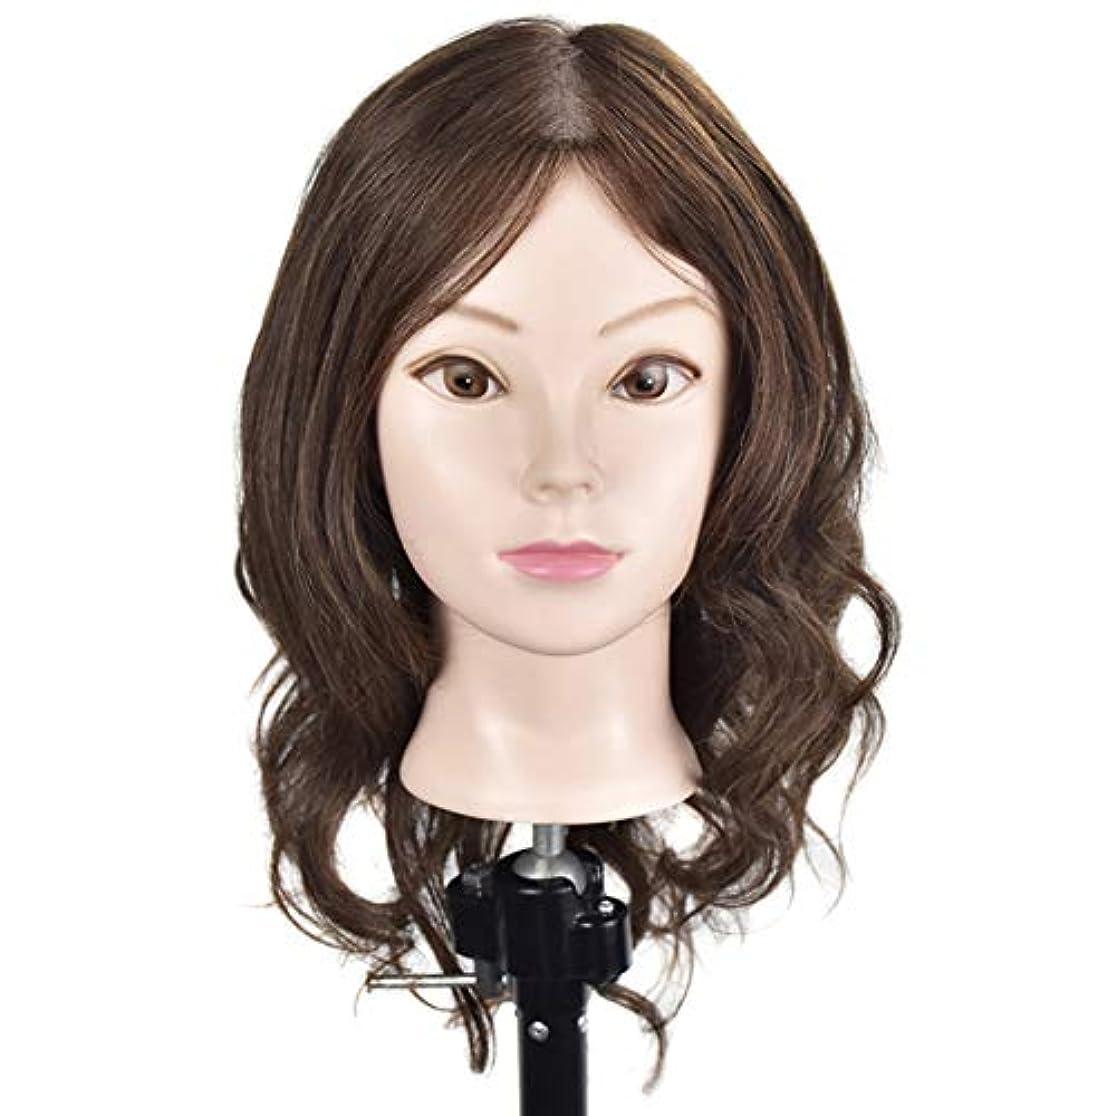 から聞く二次チョップ専門の練習ホット染色漂白はさみモデリングマネキン髪編組髪かつら女性モデルティーチングヘッド